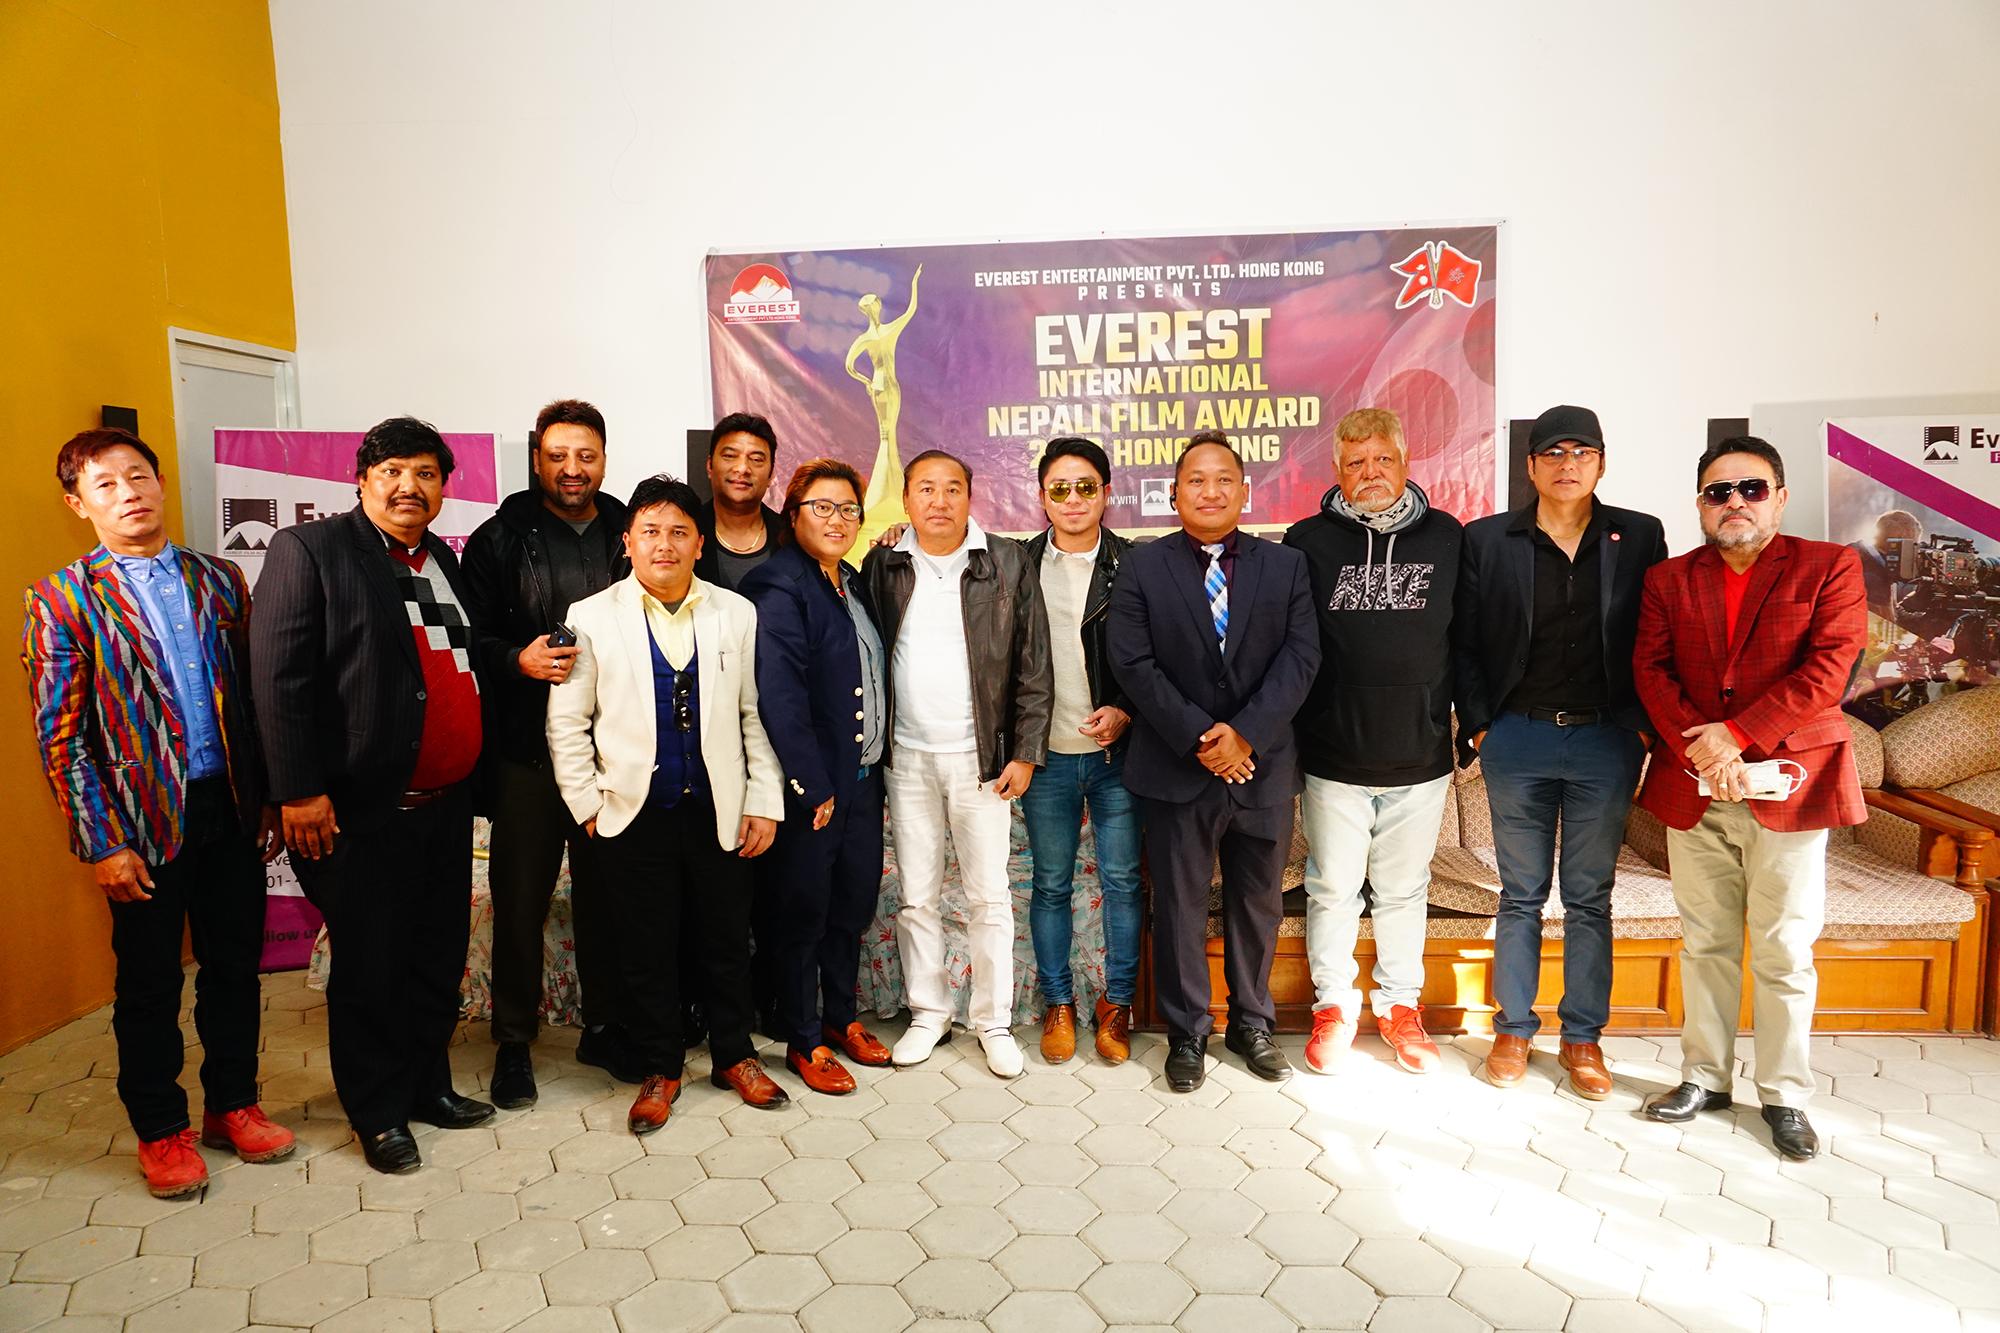 हङकङमा नेपाली फिल्म अवार्ड हुने